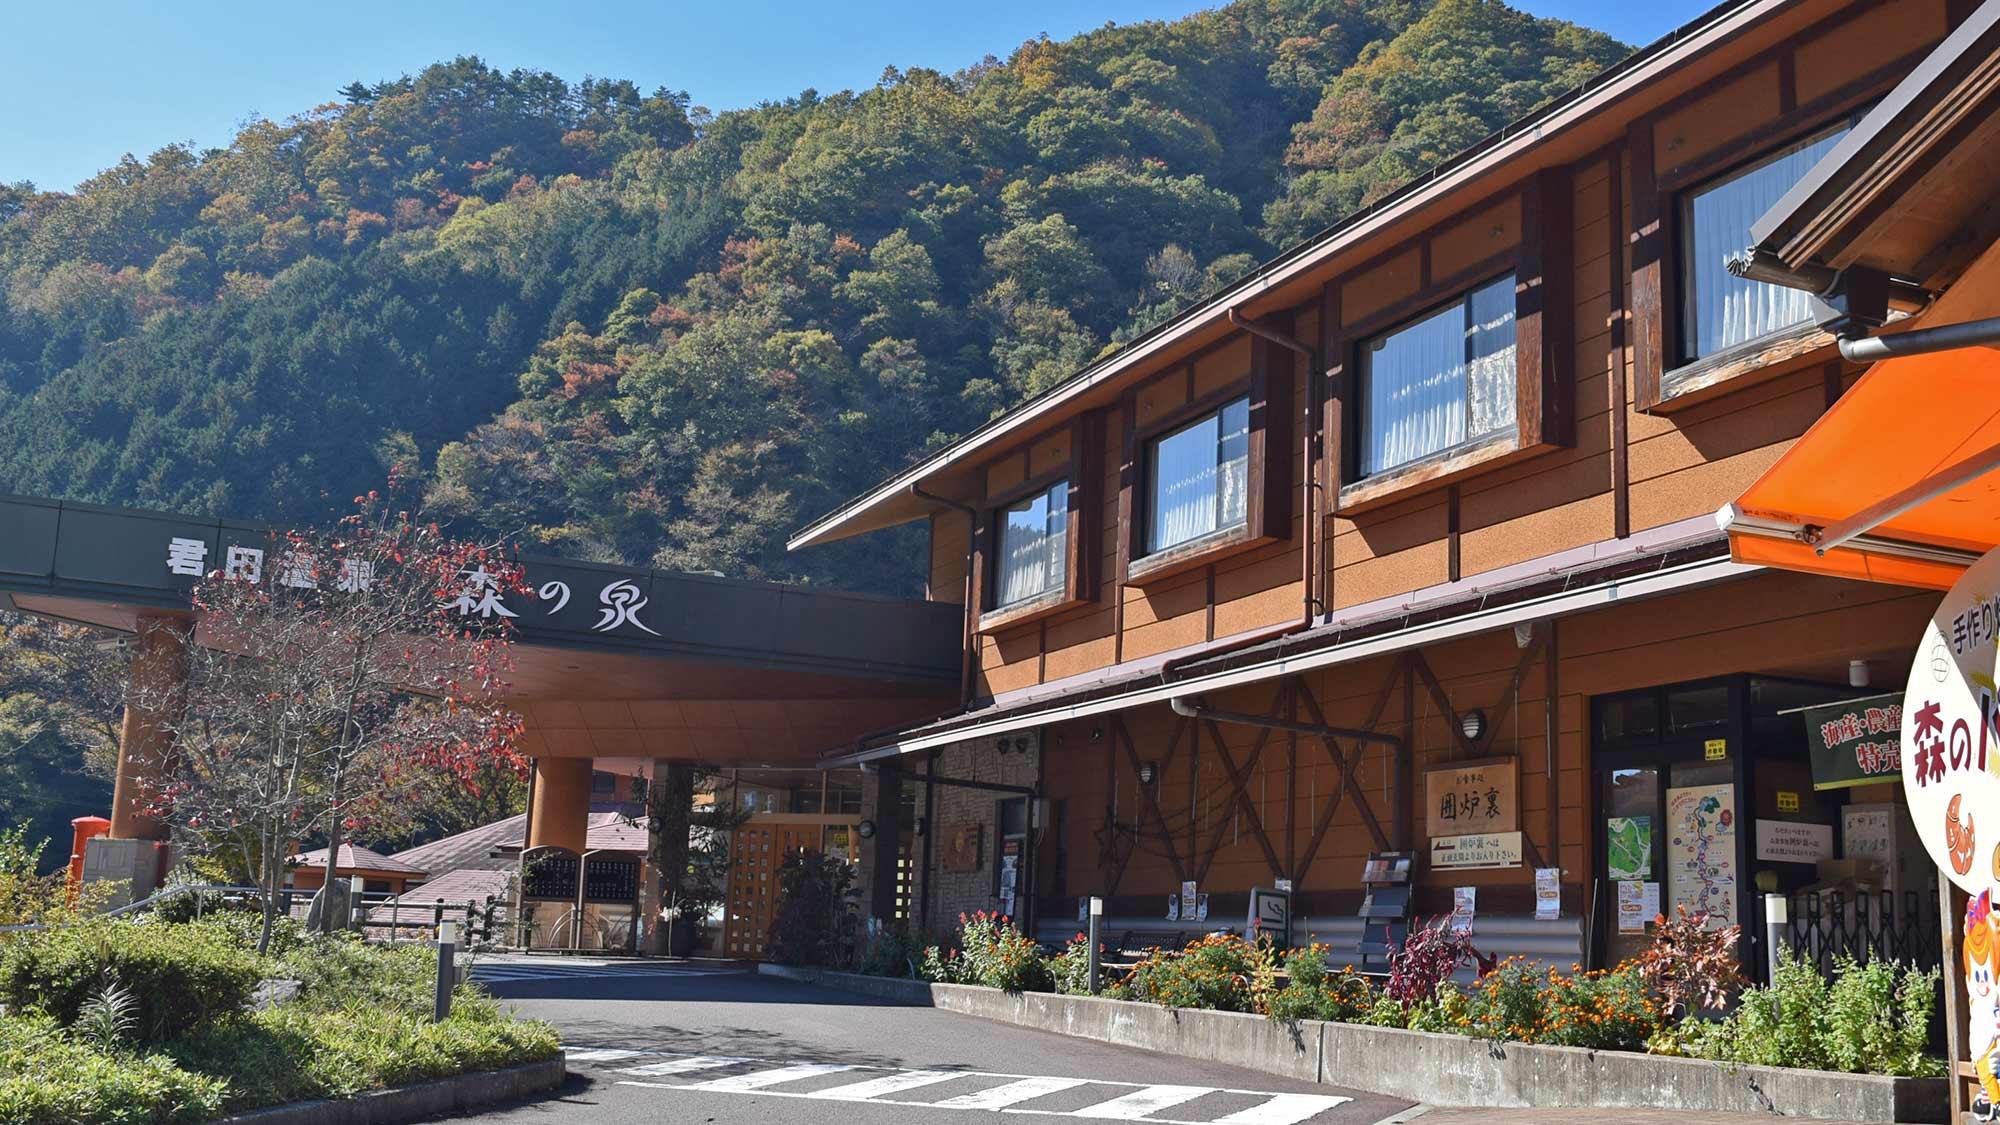 車の旅で広島の三次から島根の出雲へ向かう途中に温泉に泊まりたいです